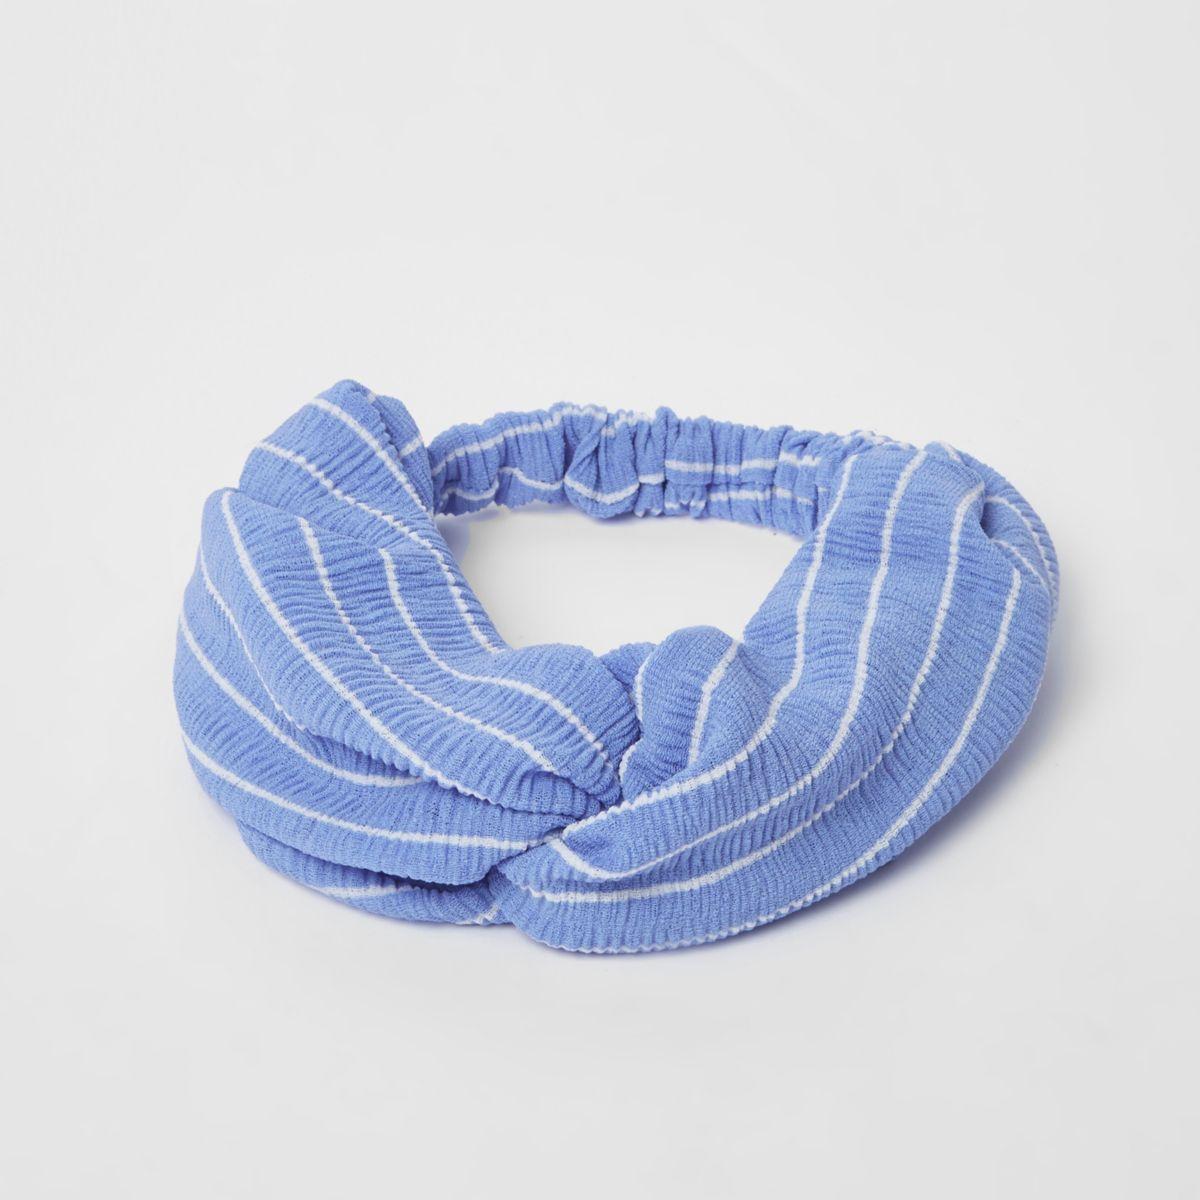 Blauwe gestreepte brede gedraaide haarband